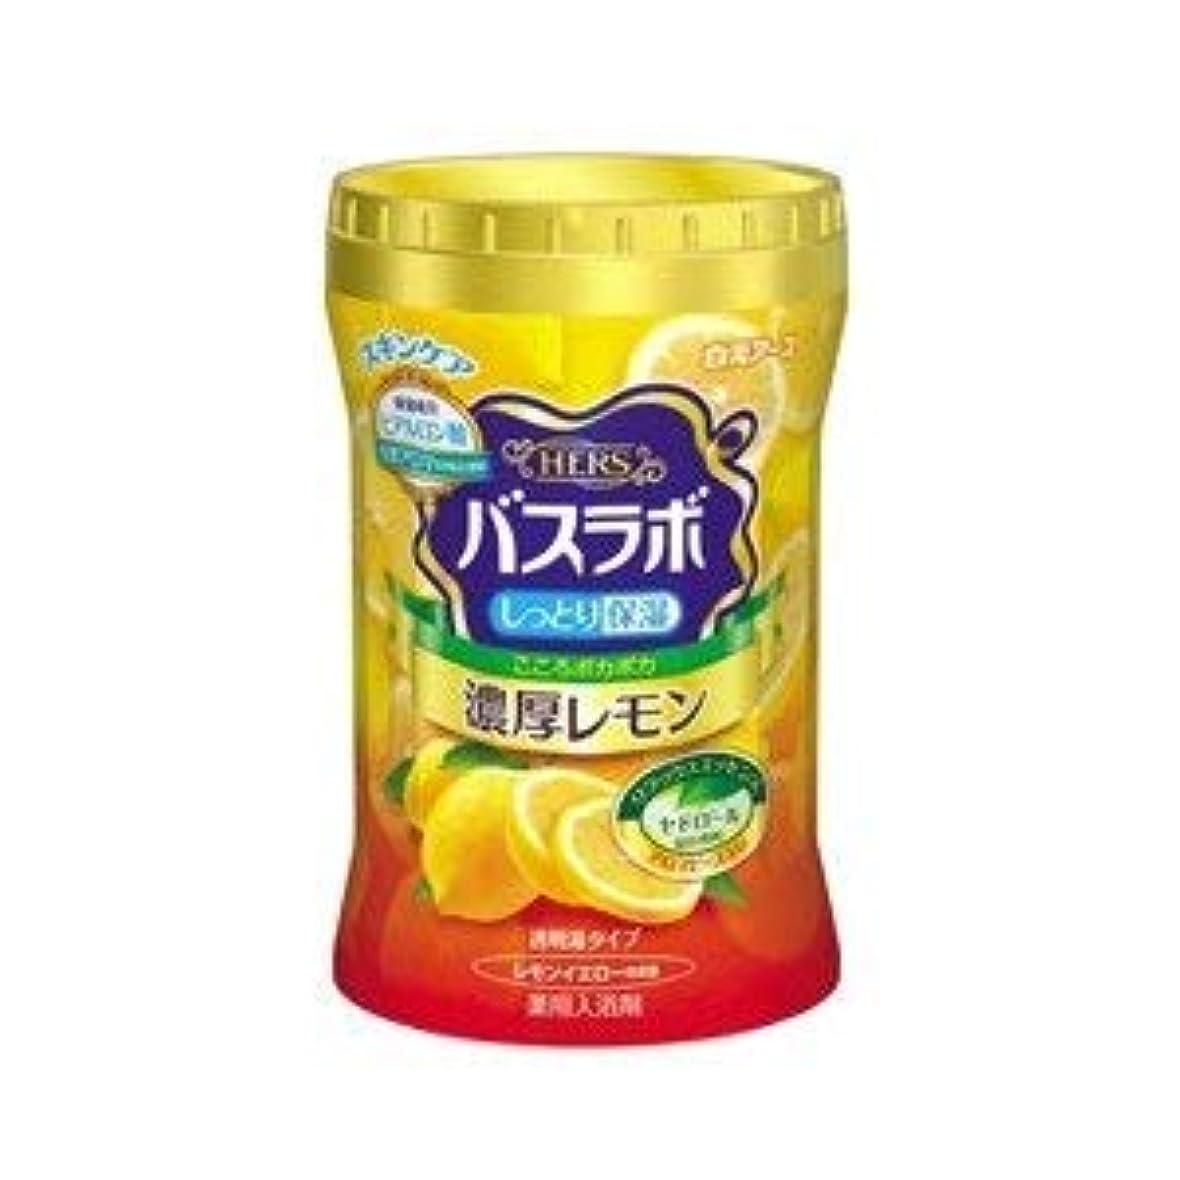 台風意志自宅でバスラボボトル濃厚レモン640g